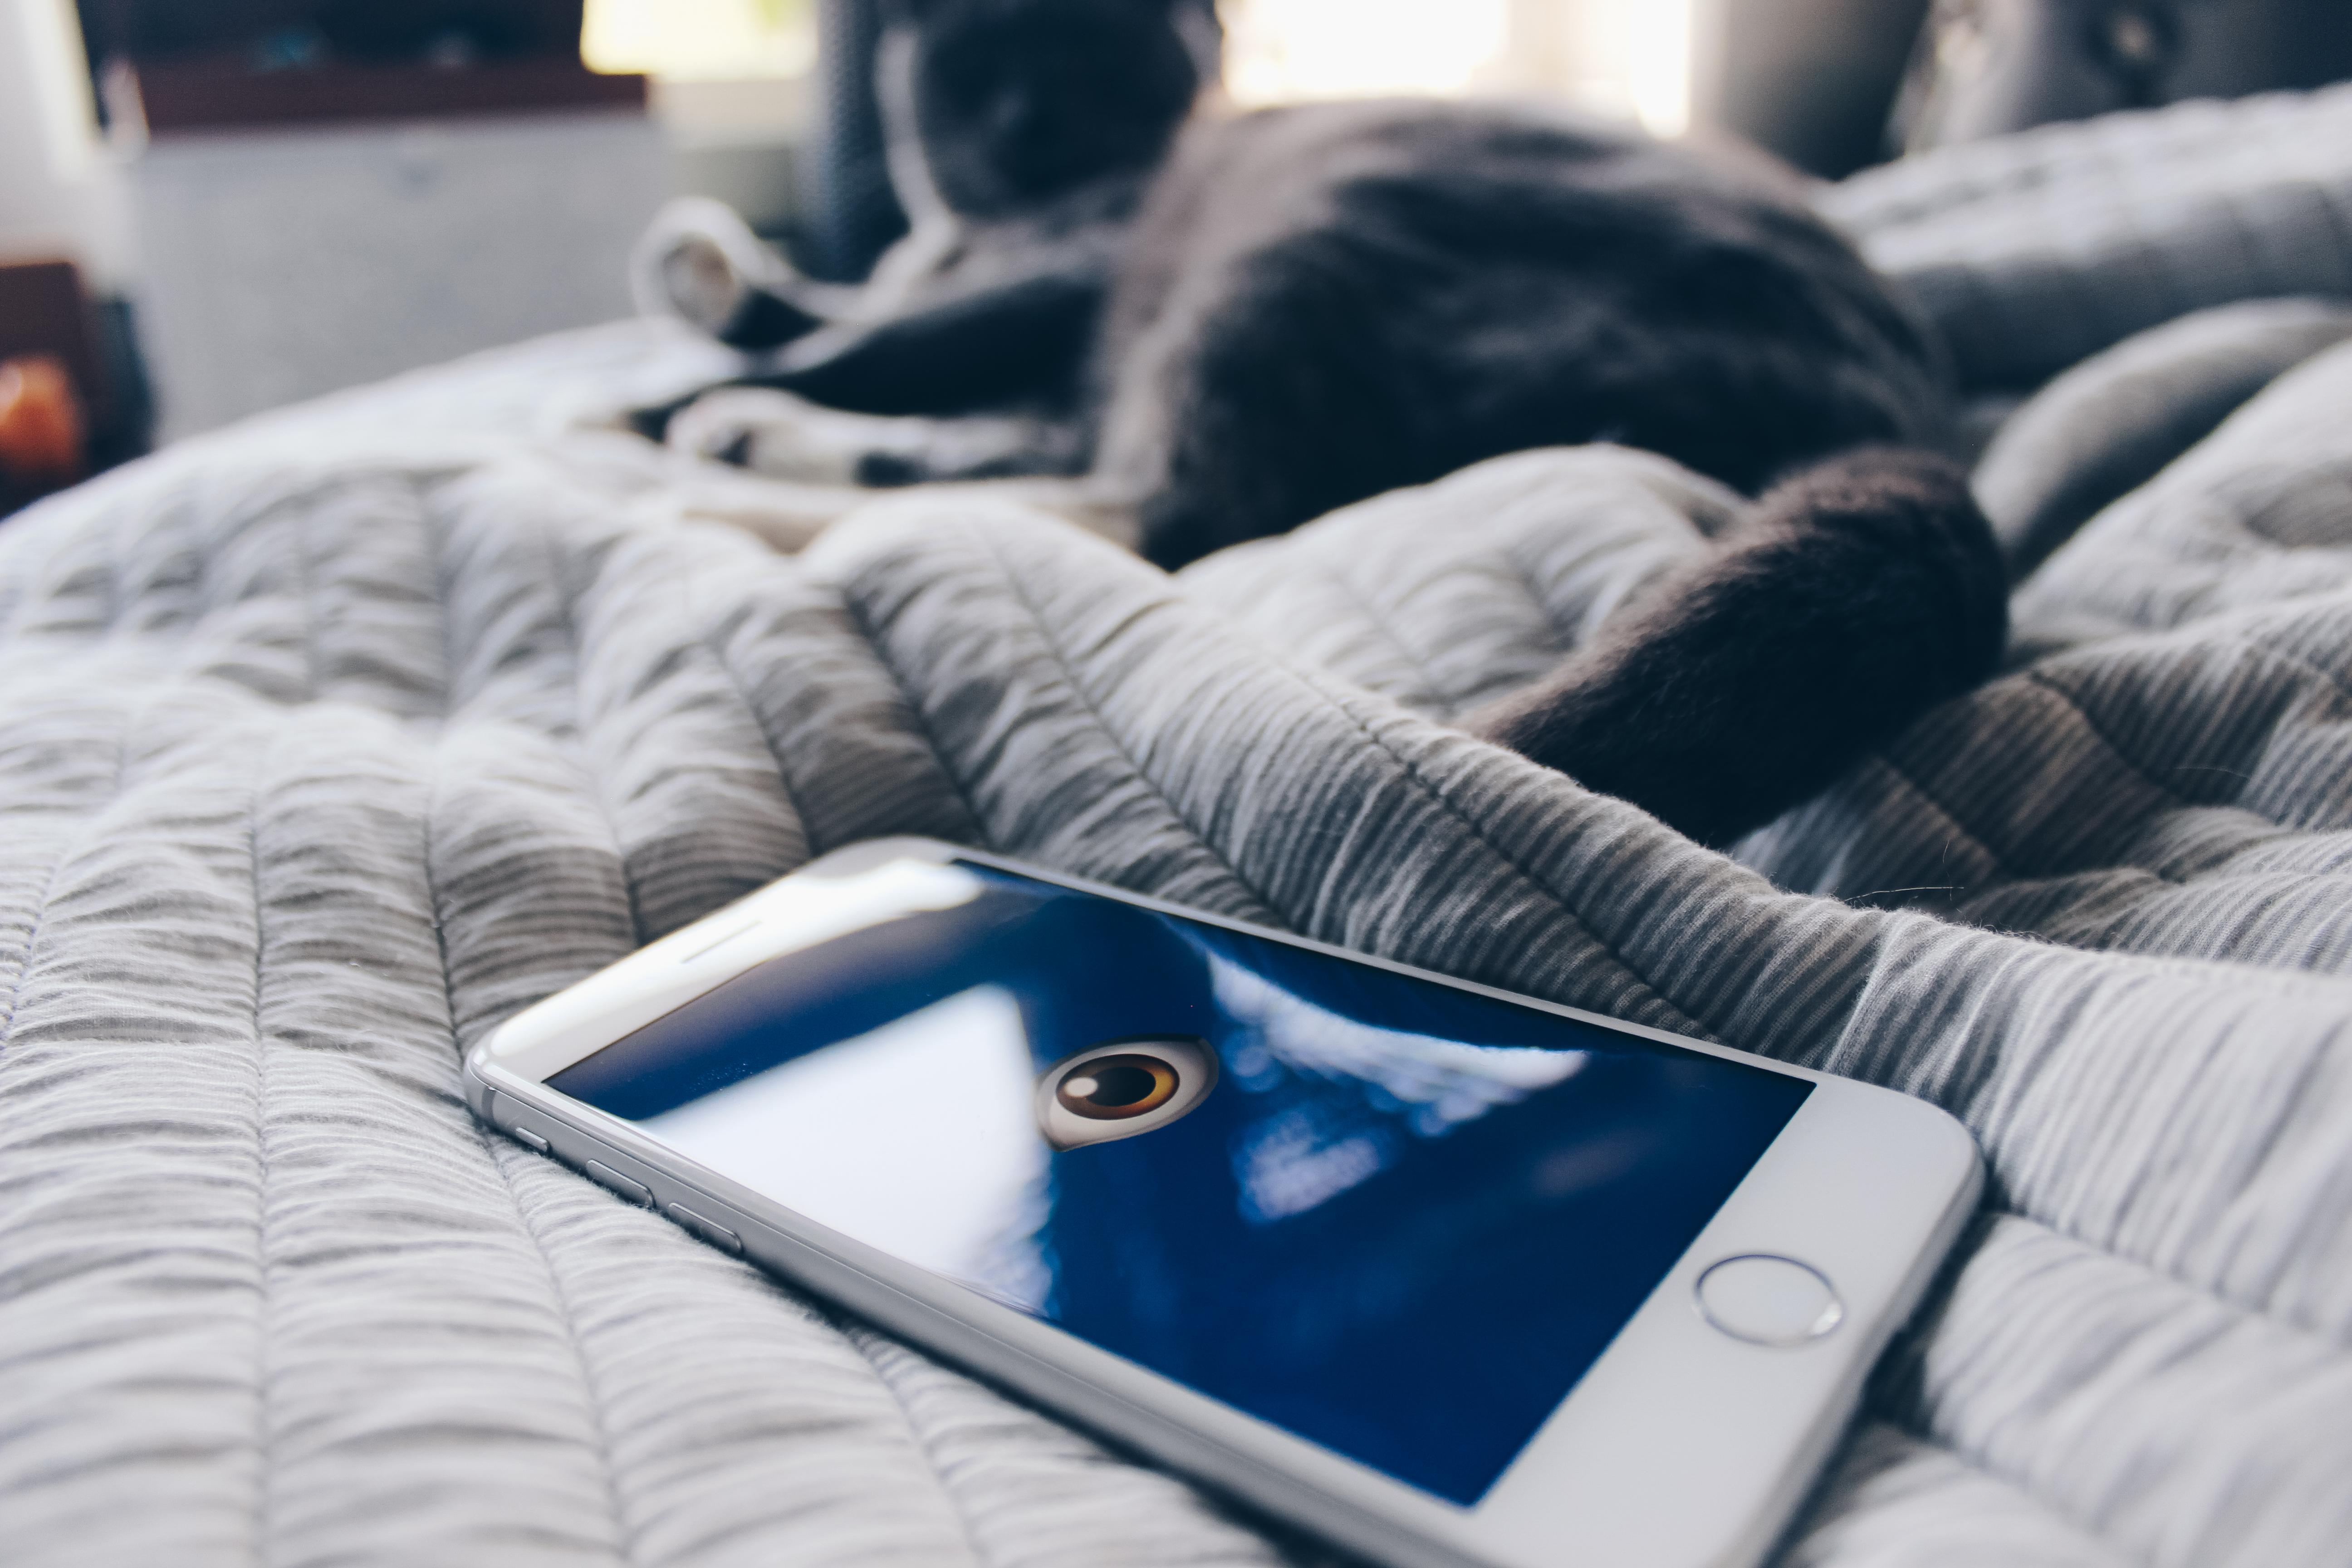 Aplicacion Juegos Porno Movil las apps te espían y venden tus datos, protégete con estos